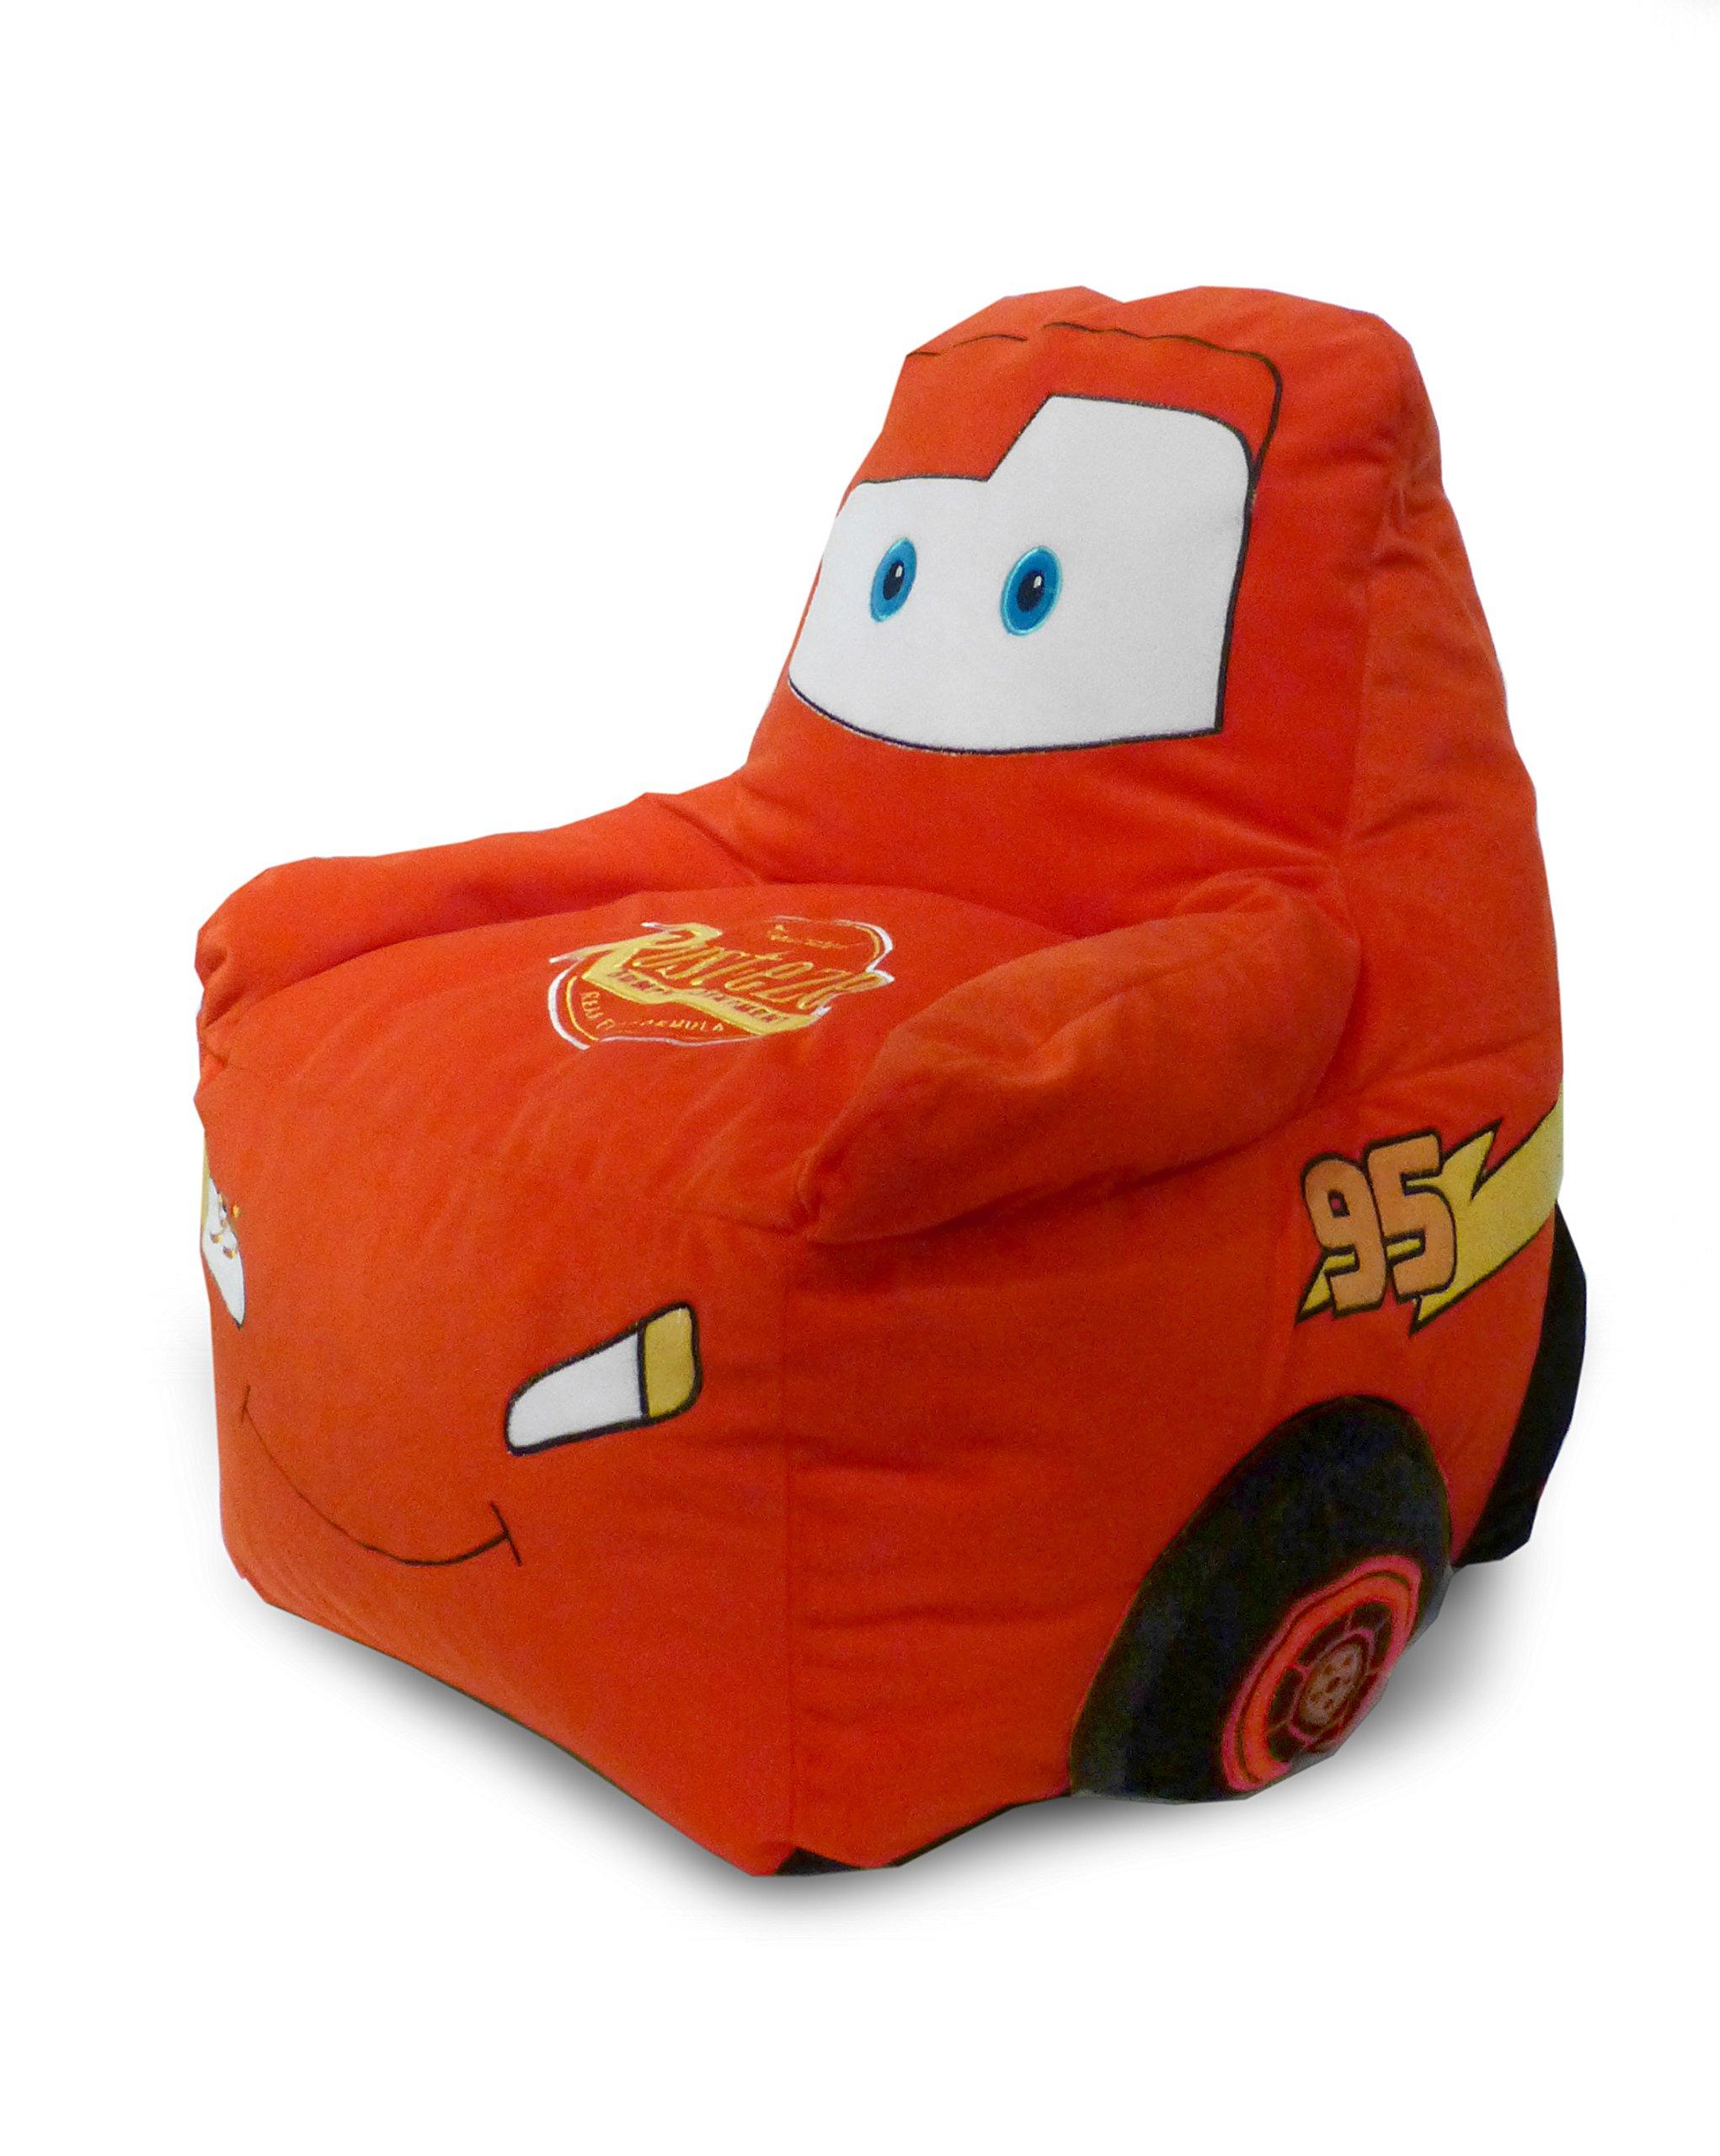 Disney Cars Figural Bean Bag Sofa Chair